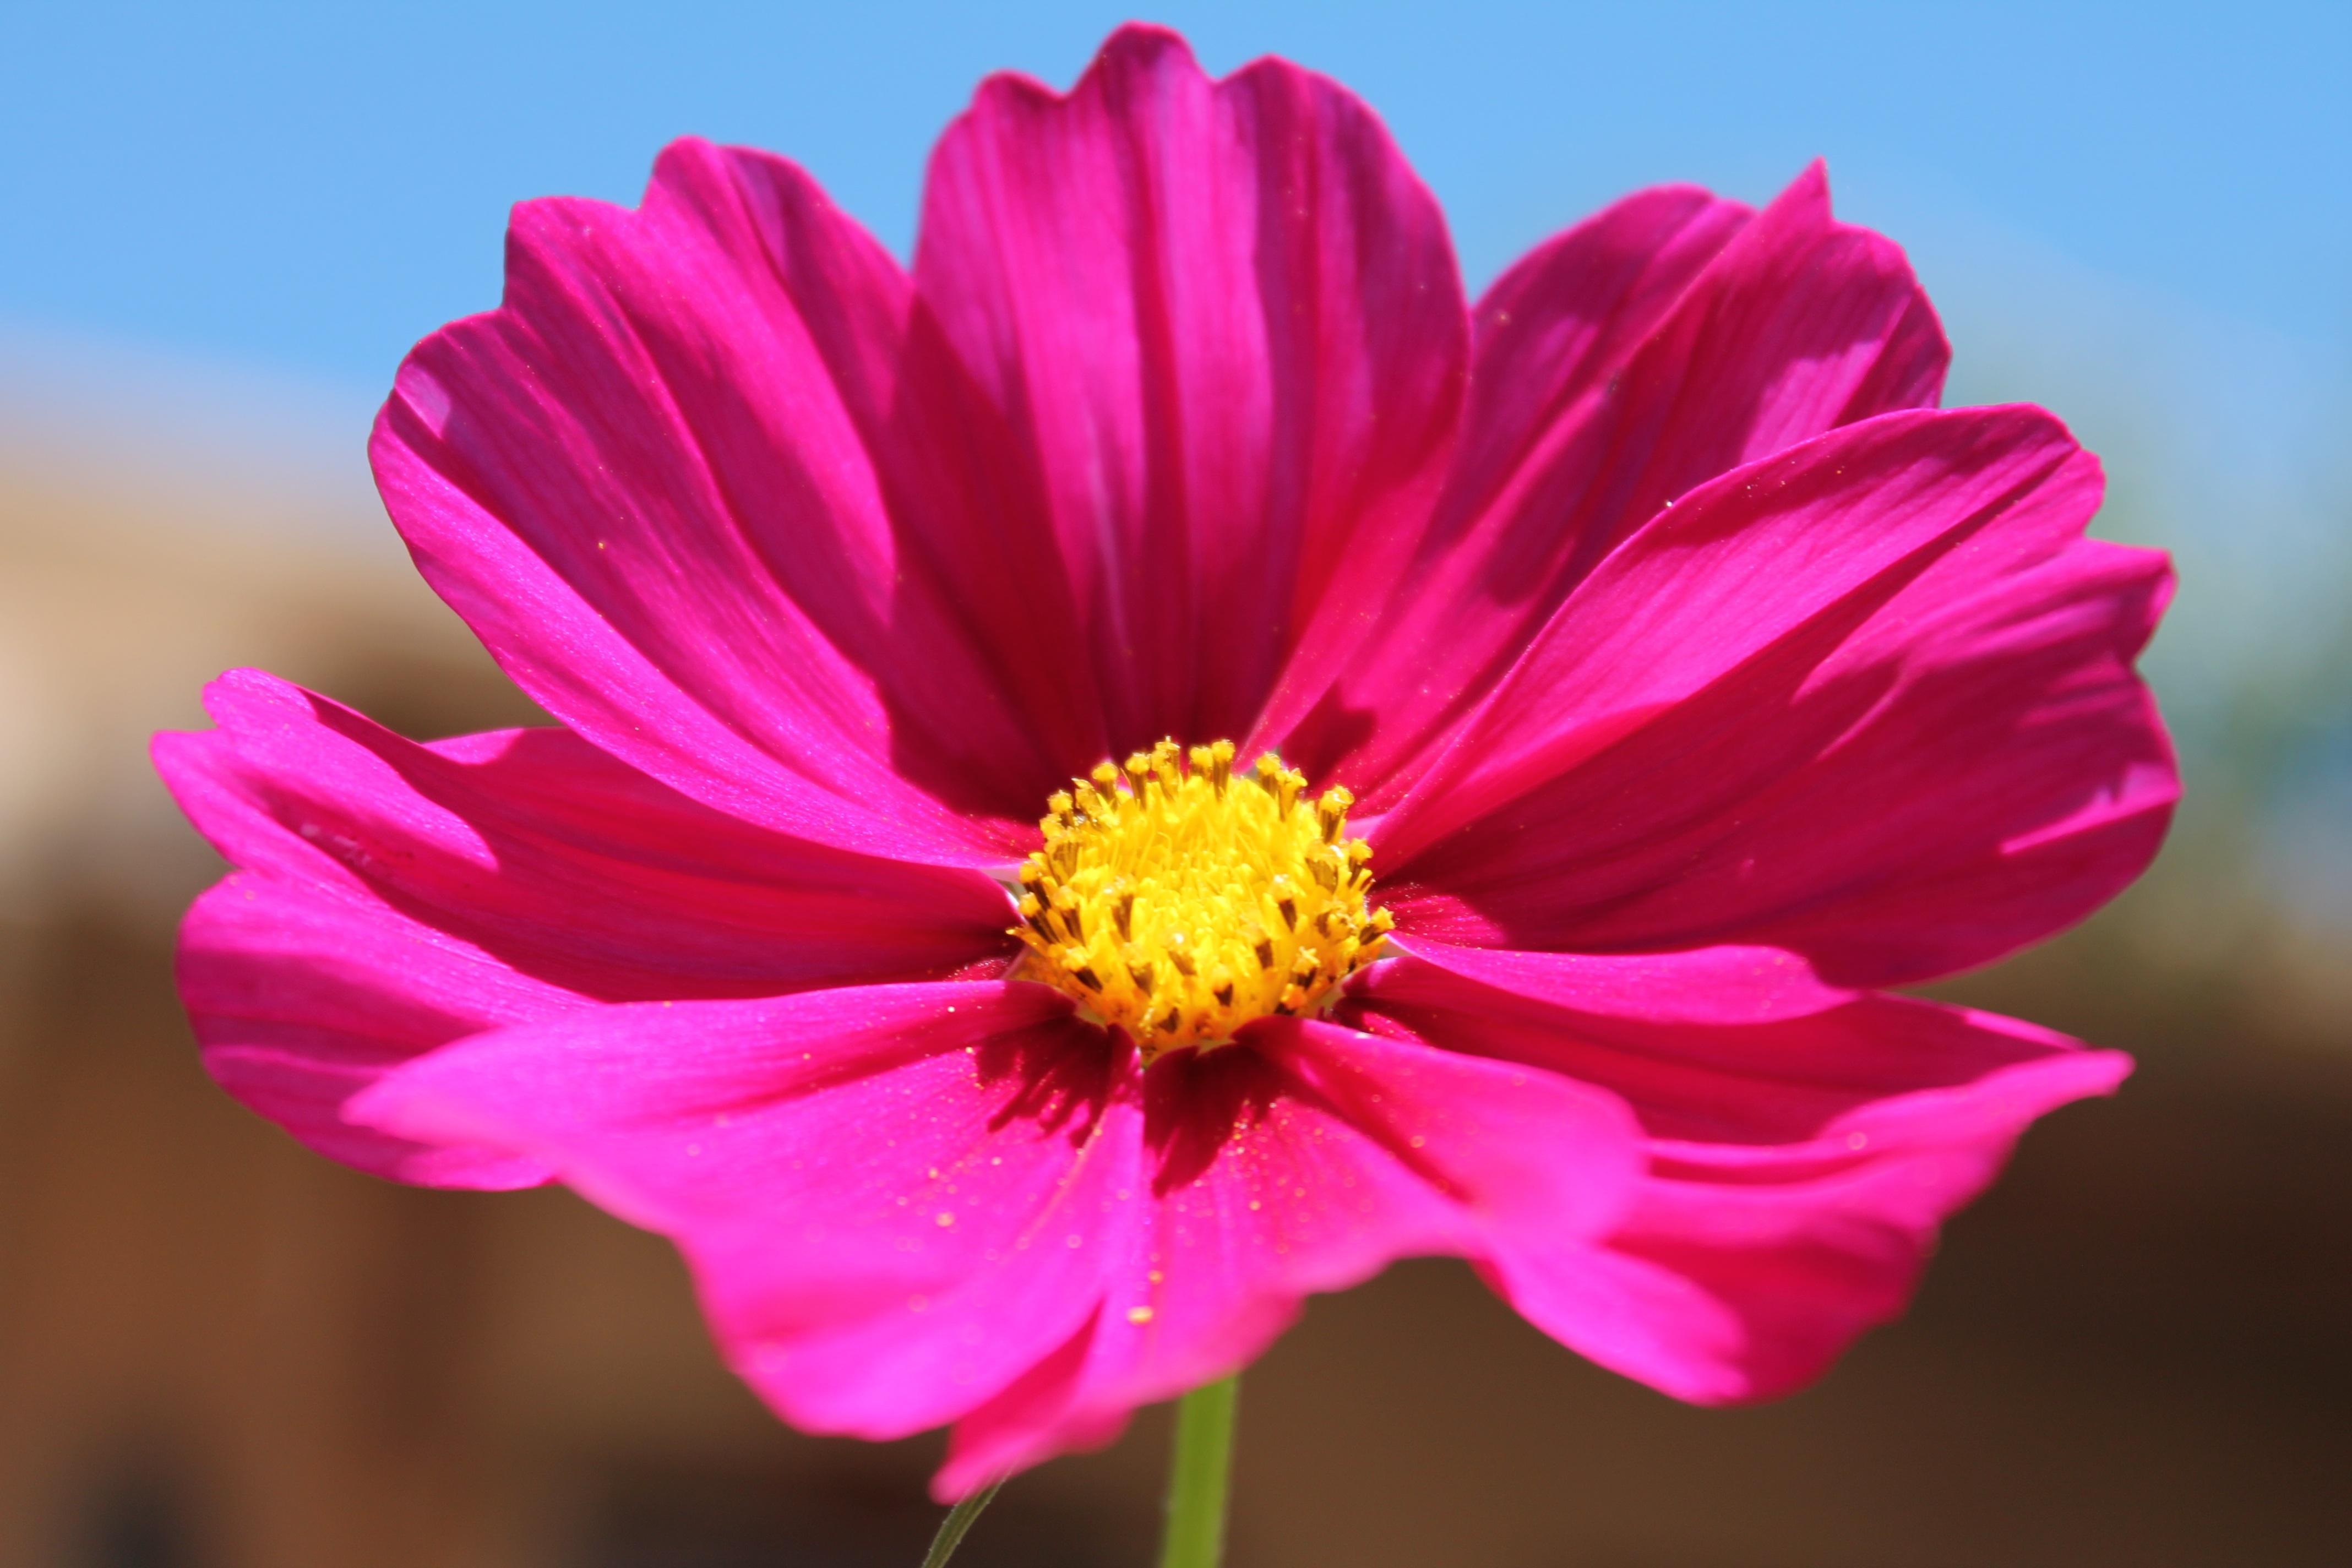 Free Images : blossom, petal, bloom, floral, spring, natural, fresh ...